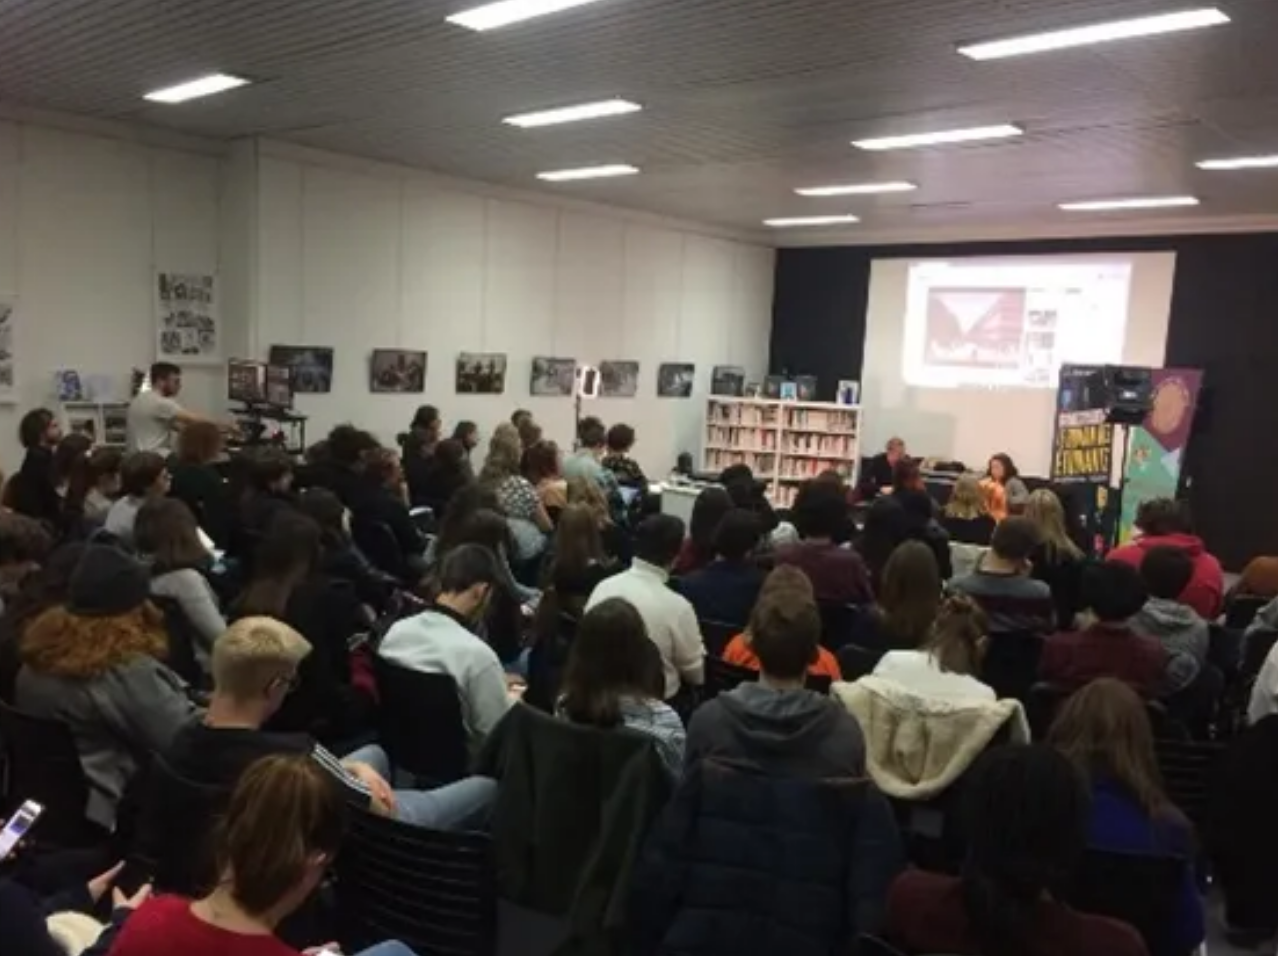 Emma Becker lors d'une rencontre pour les jurés étudiants animée par Stéphane Chaudier, professeur de littérature à l'Université de Lille © Radio France